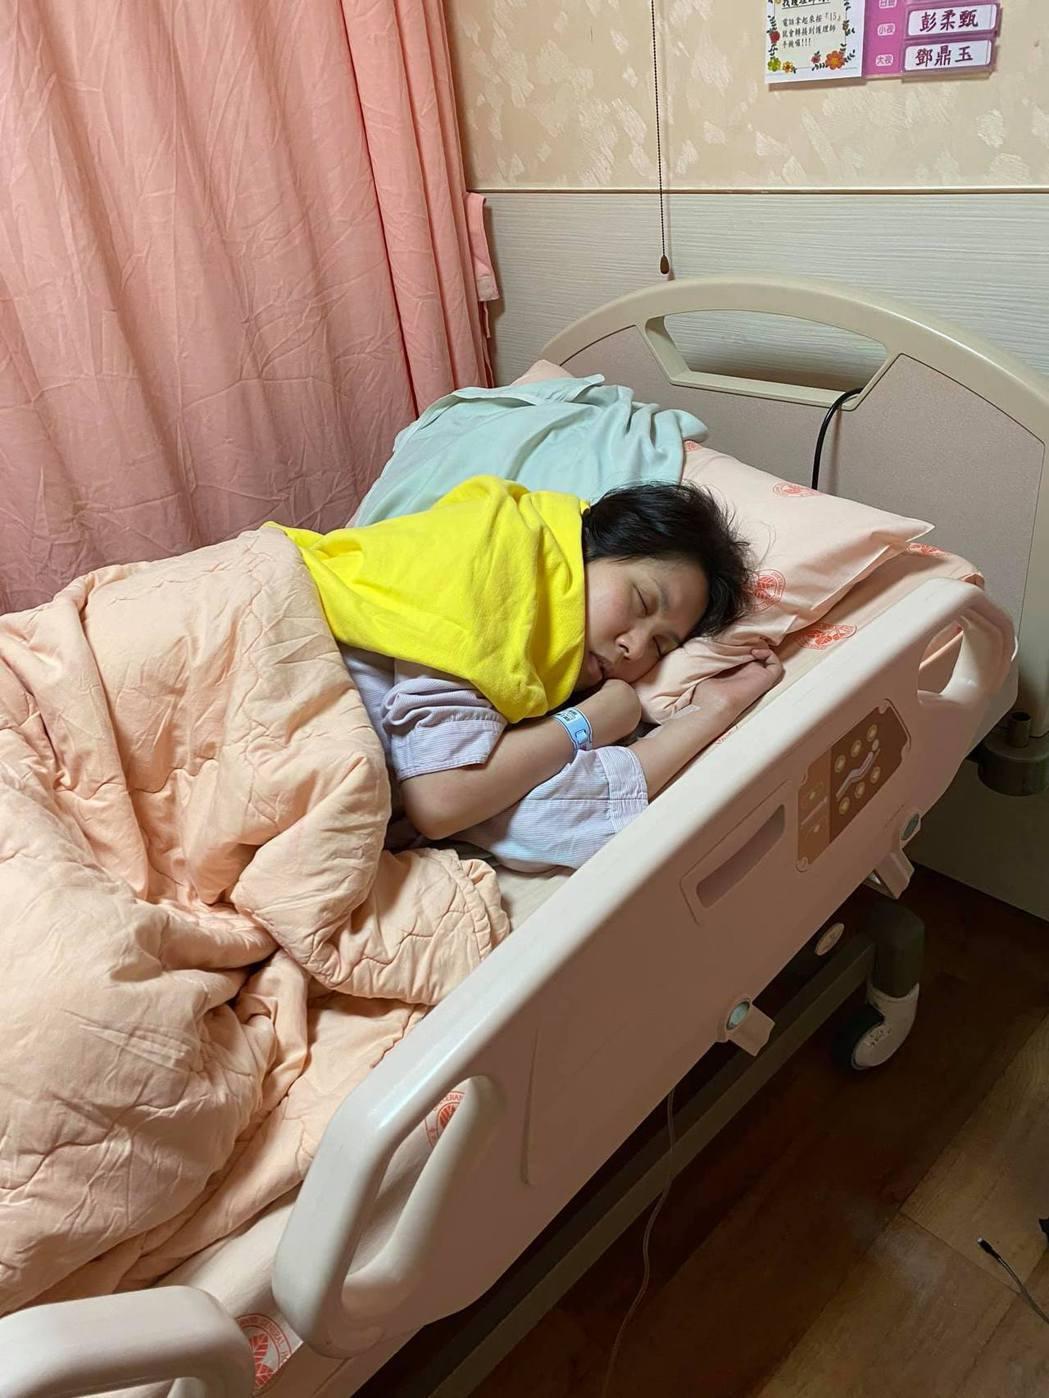 余苑綺抗癌後宣告進行最後一次化療。 圖/擷自余苑綺臉書